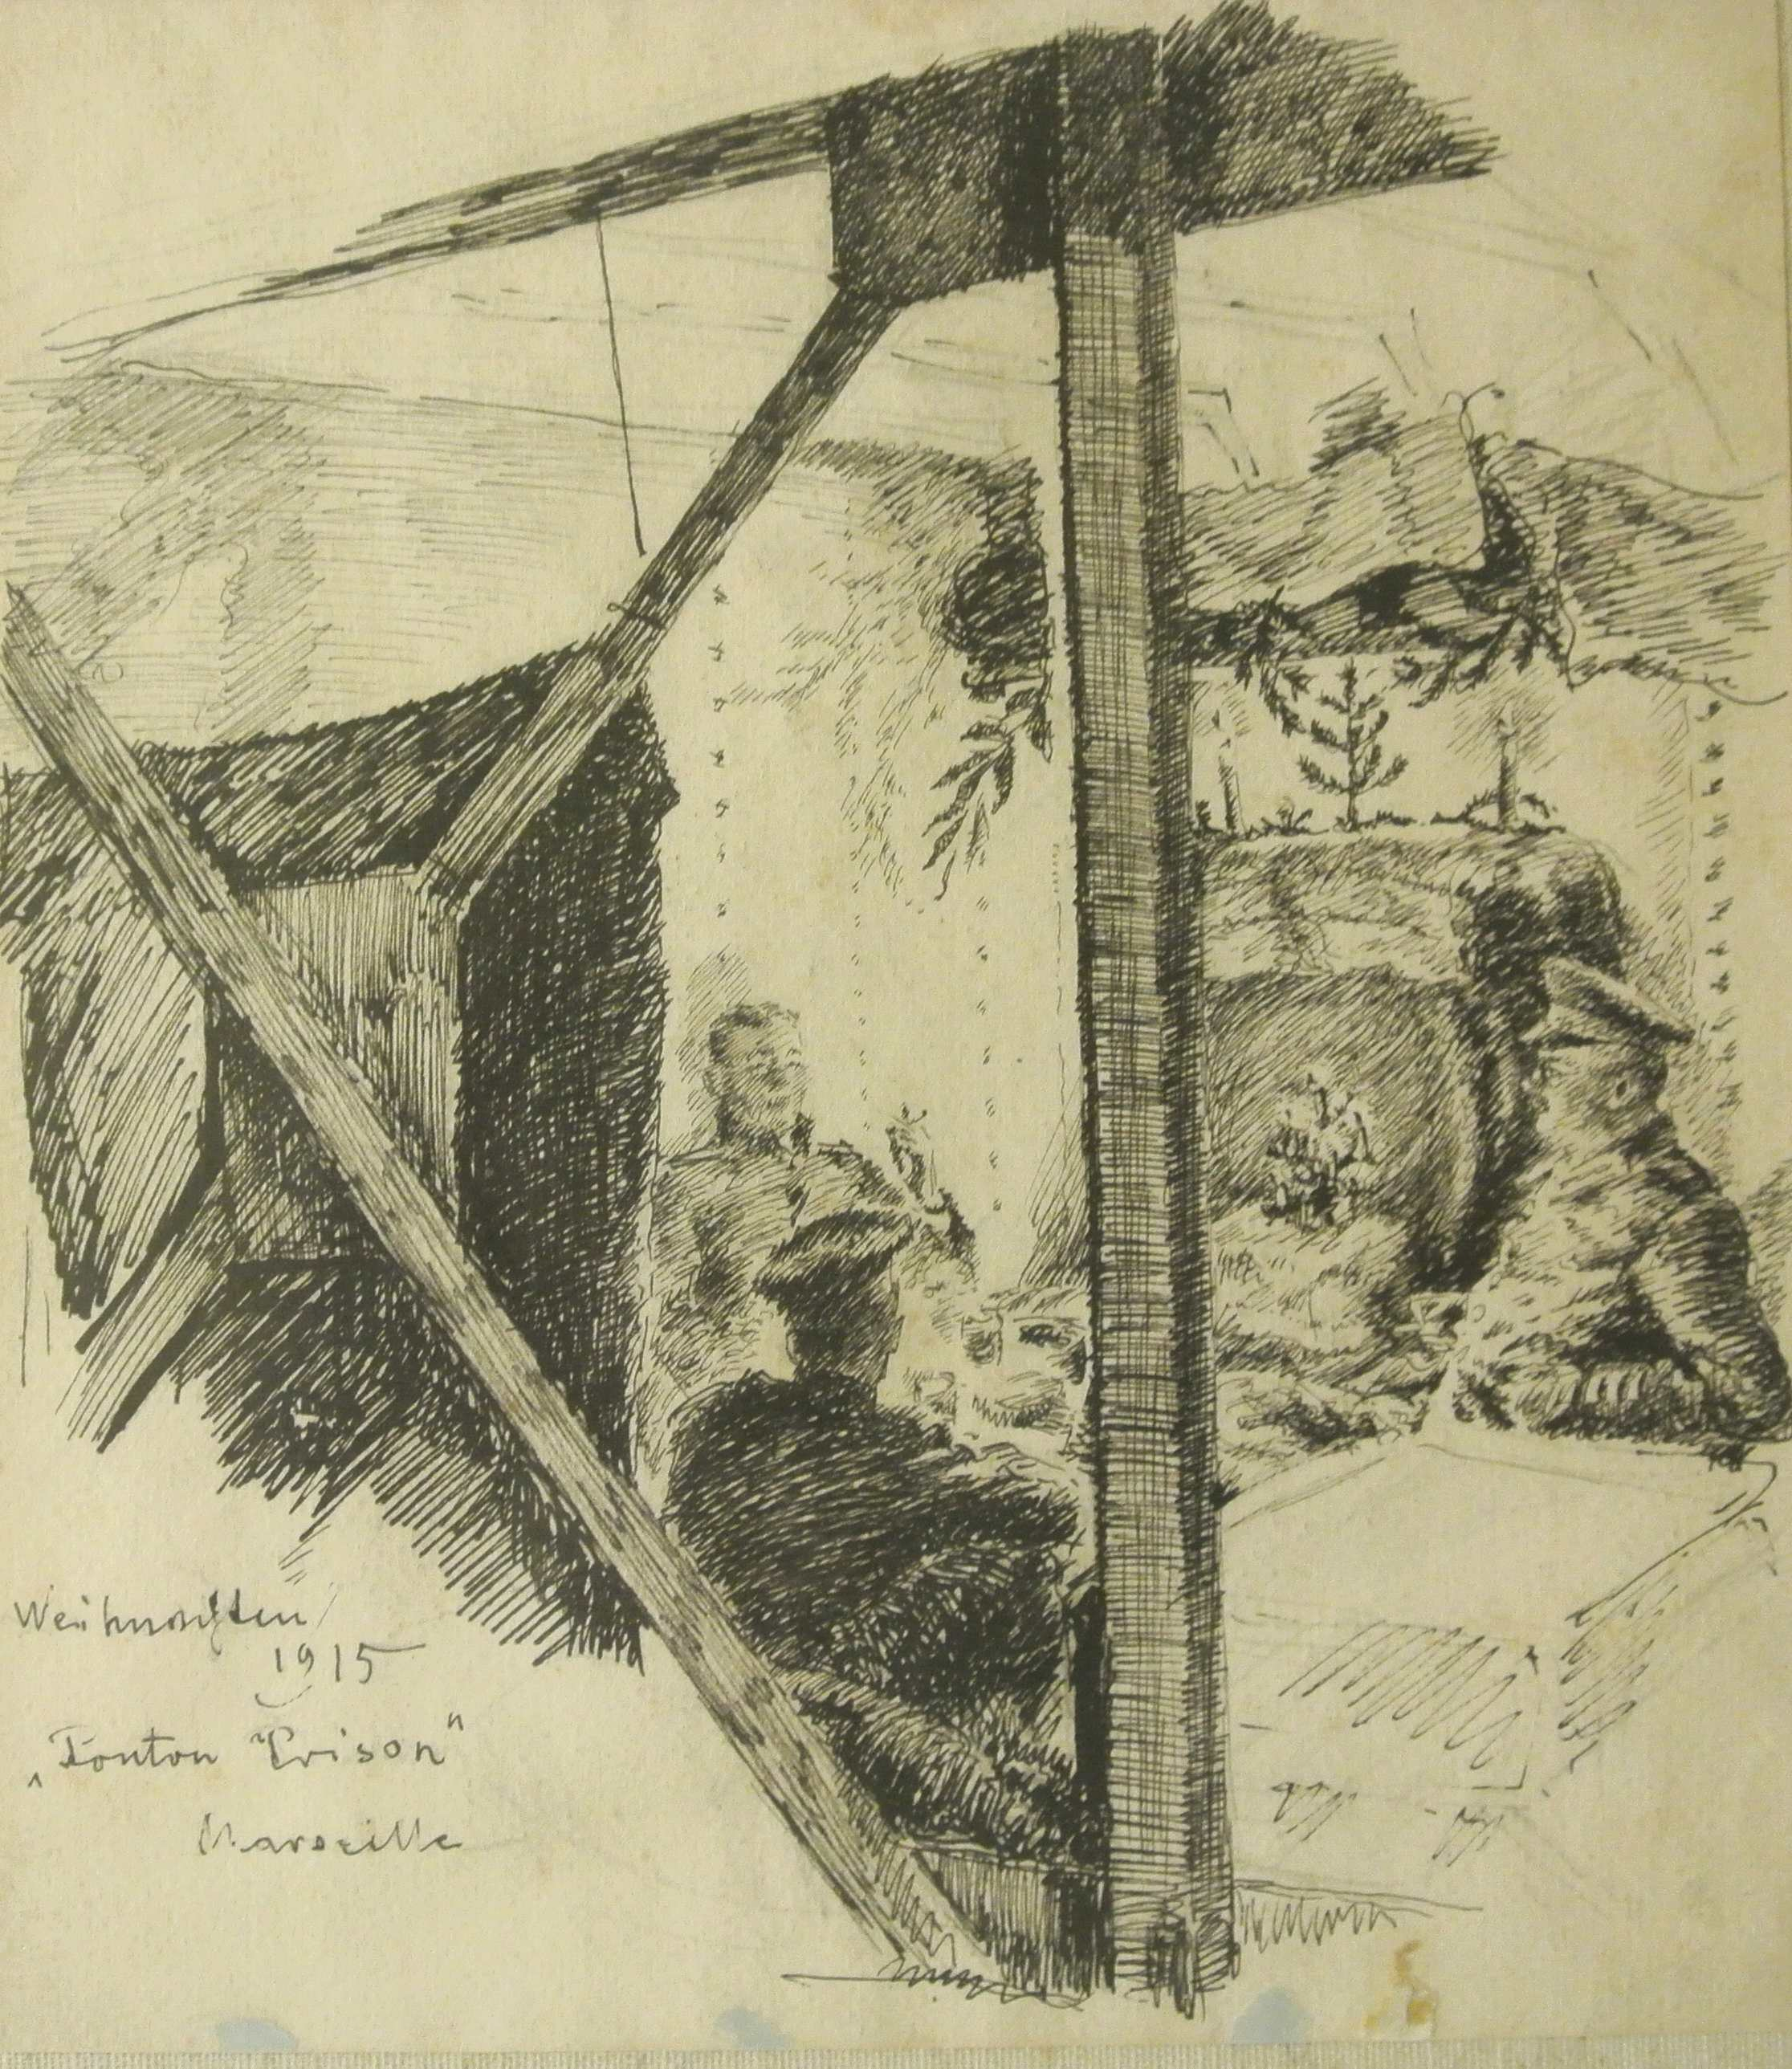 Ponton Prison, Weihnachten 1915, für vergrößerte Ansicht anklicken!